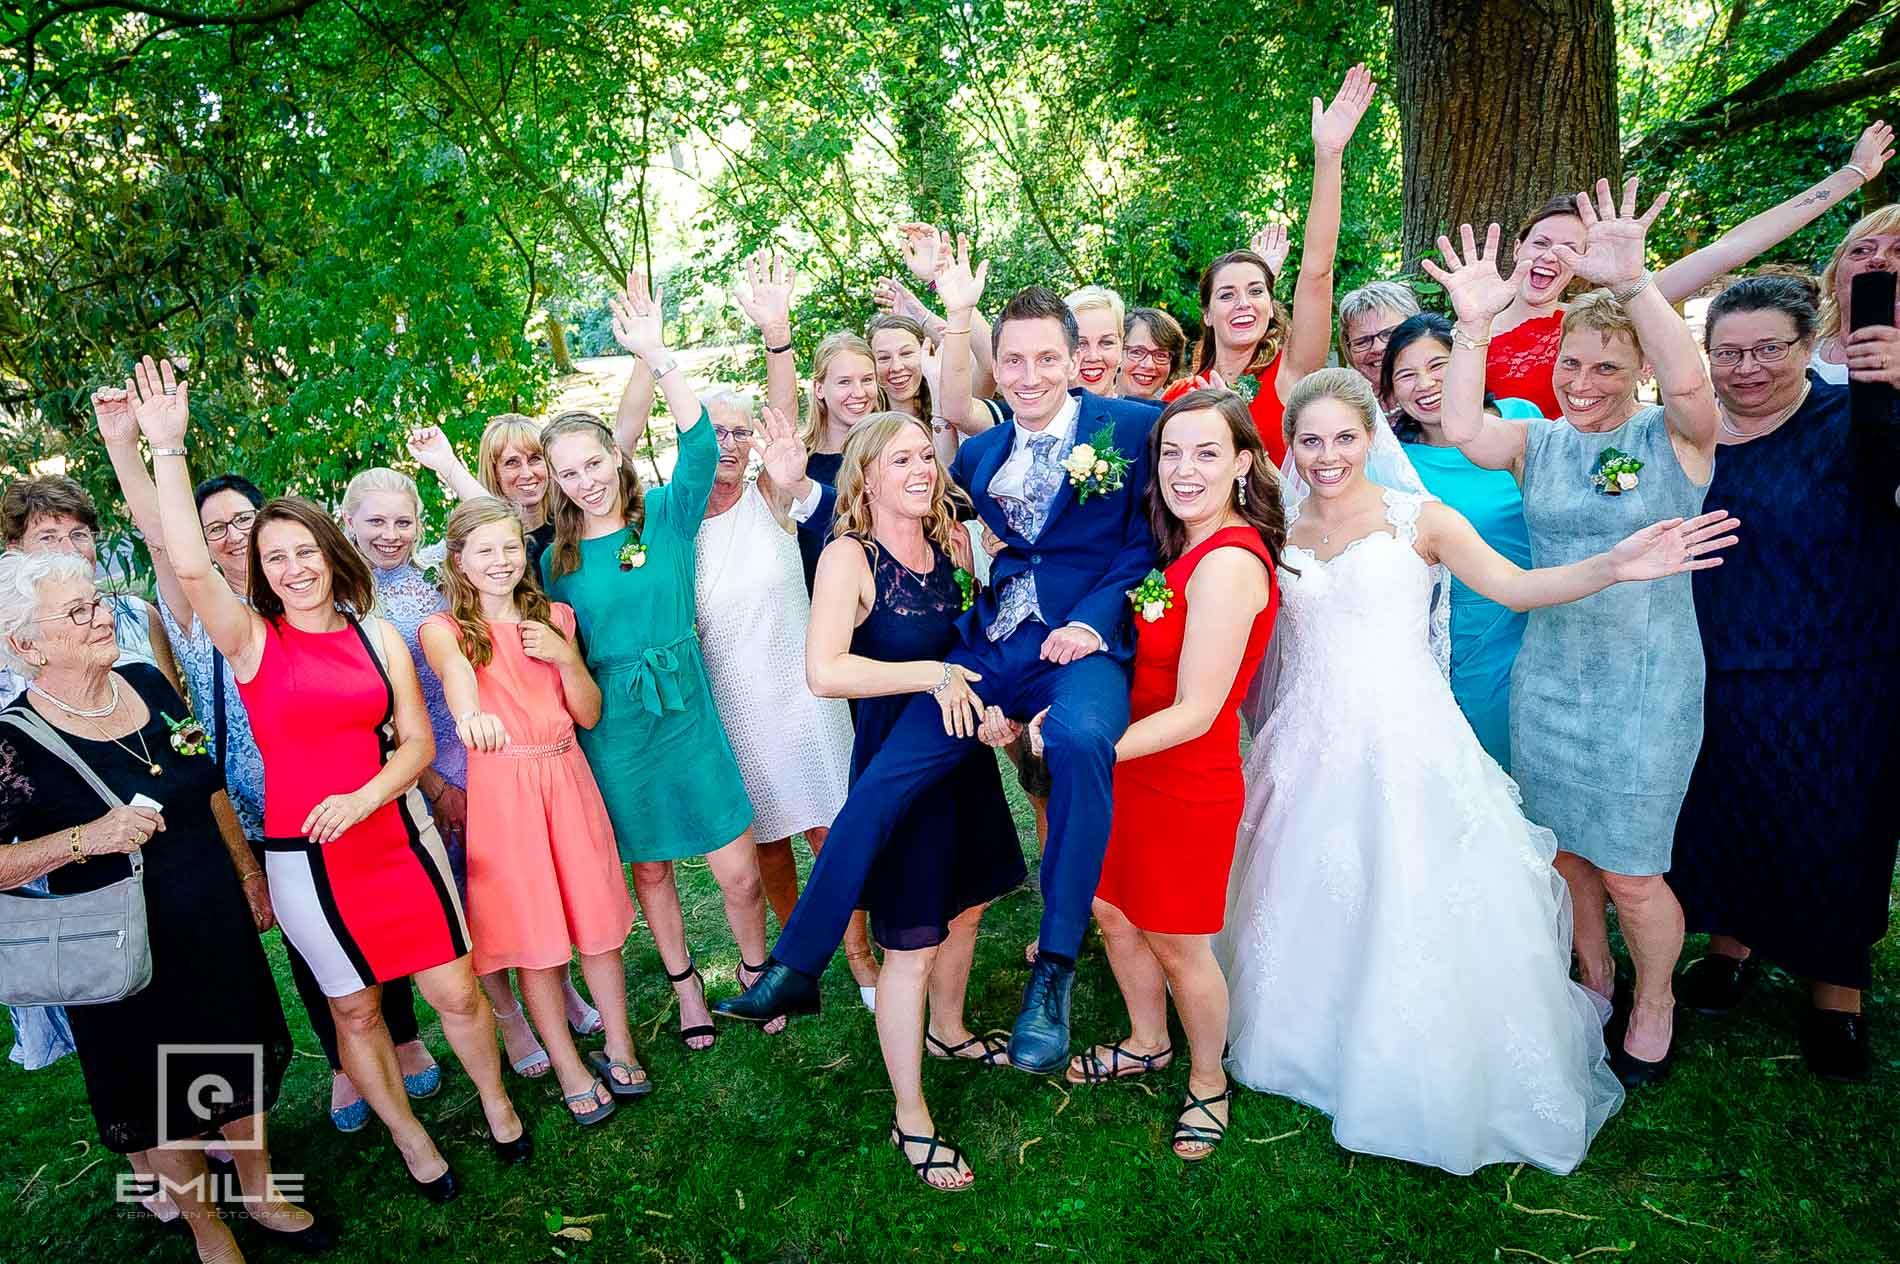 Bruidsfotograaf bij Partycentrum De Hoeve, een groepsfoto met alle meiden